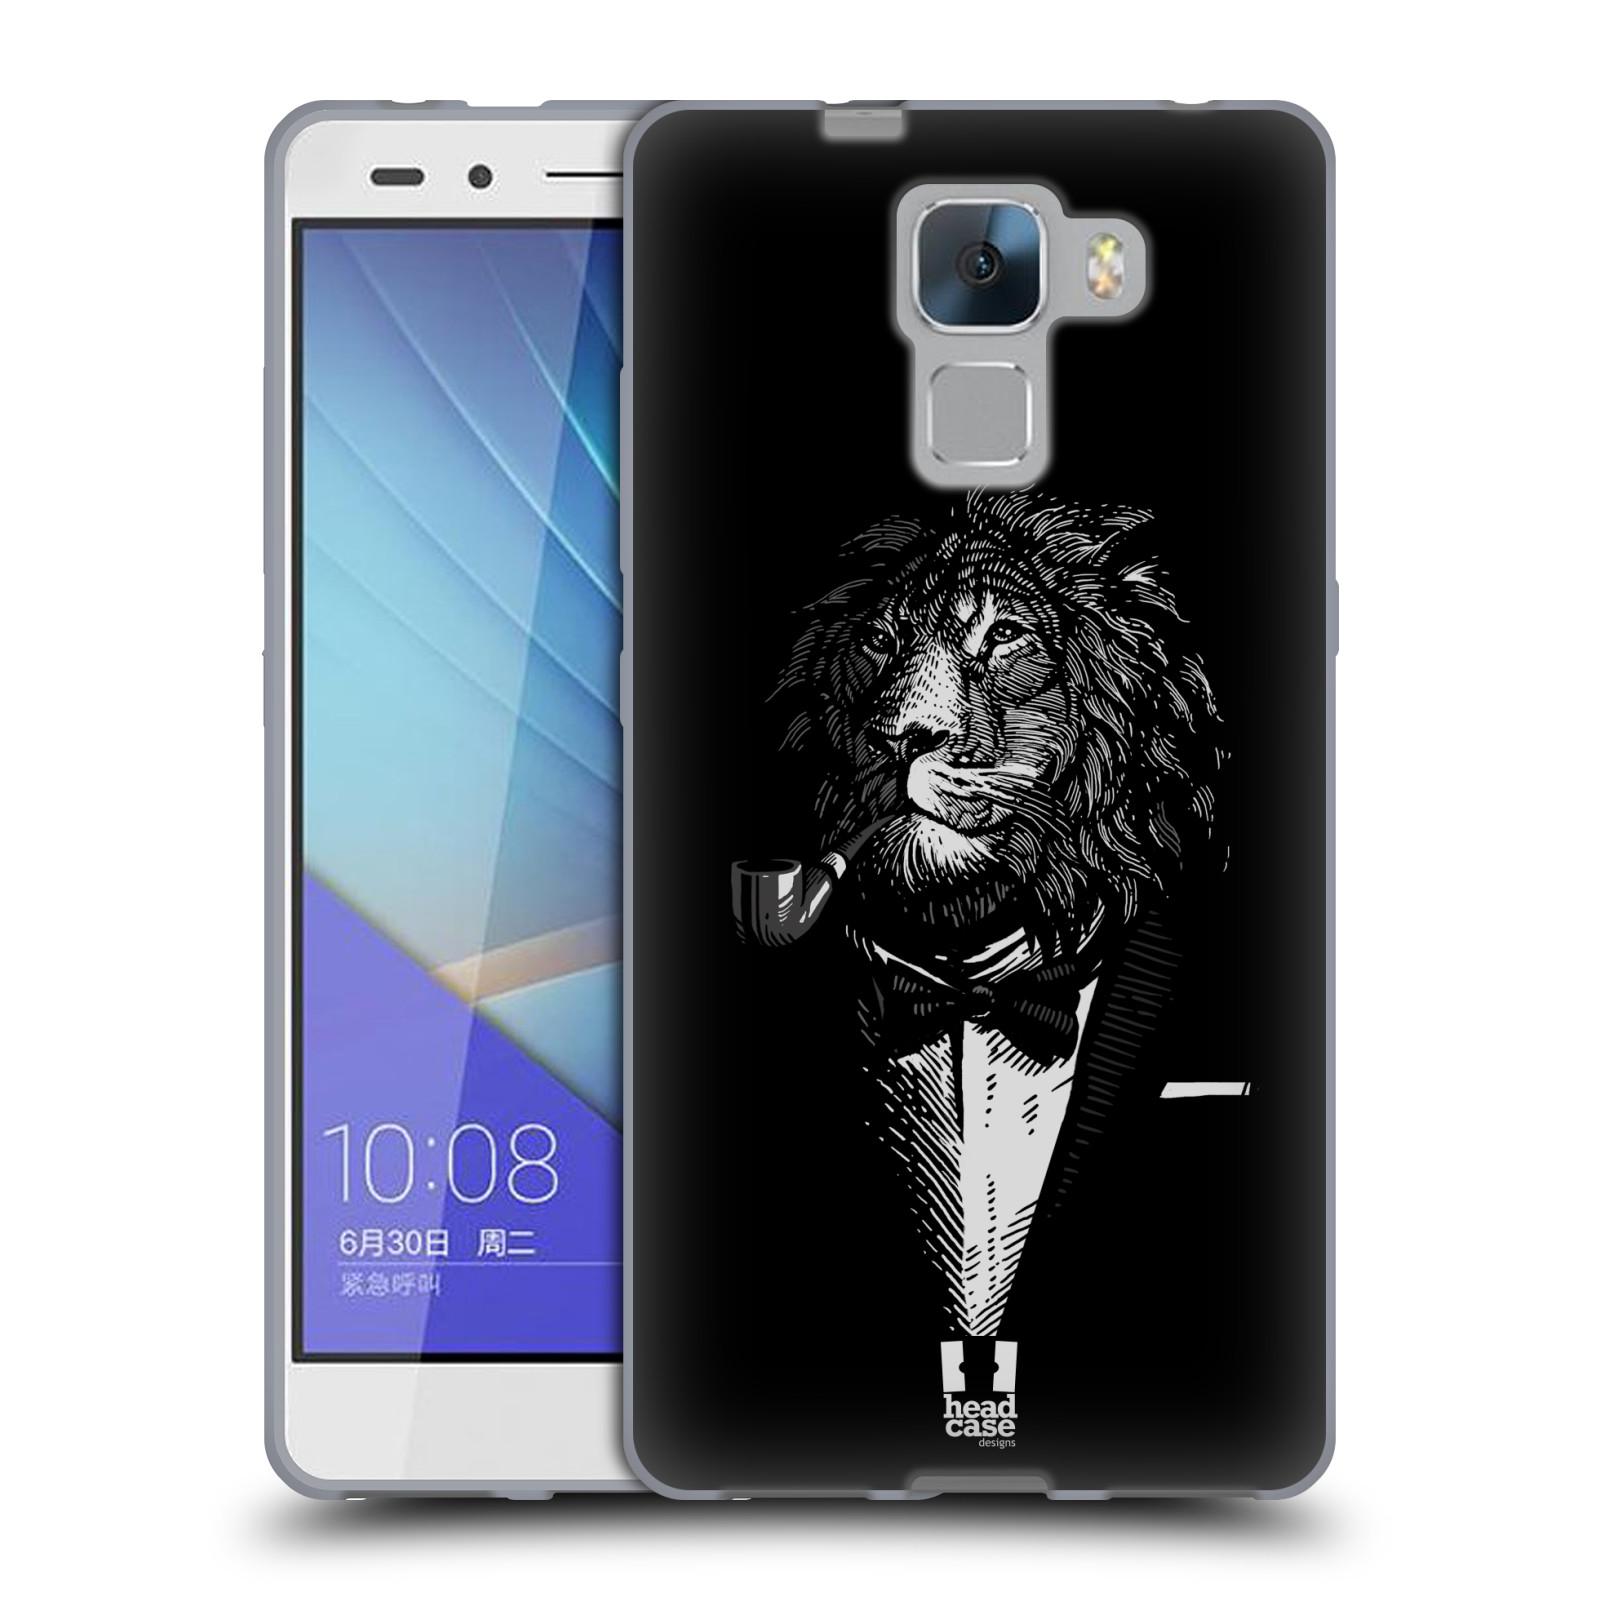 HEAD CASE silikonový obal na mobil HUAWEI HONOR 7 vzor Zvíře v obleku lev  empty 10dfabb412a